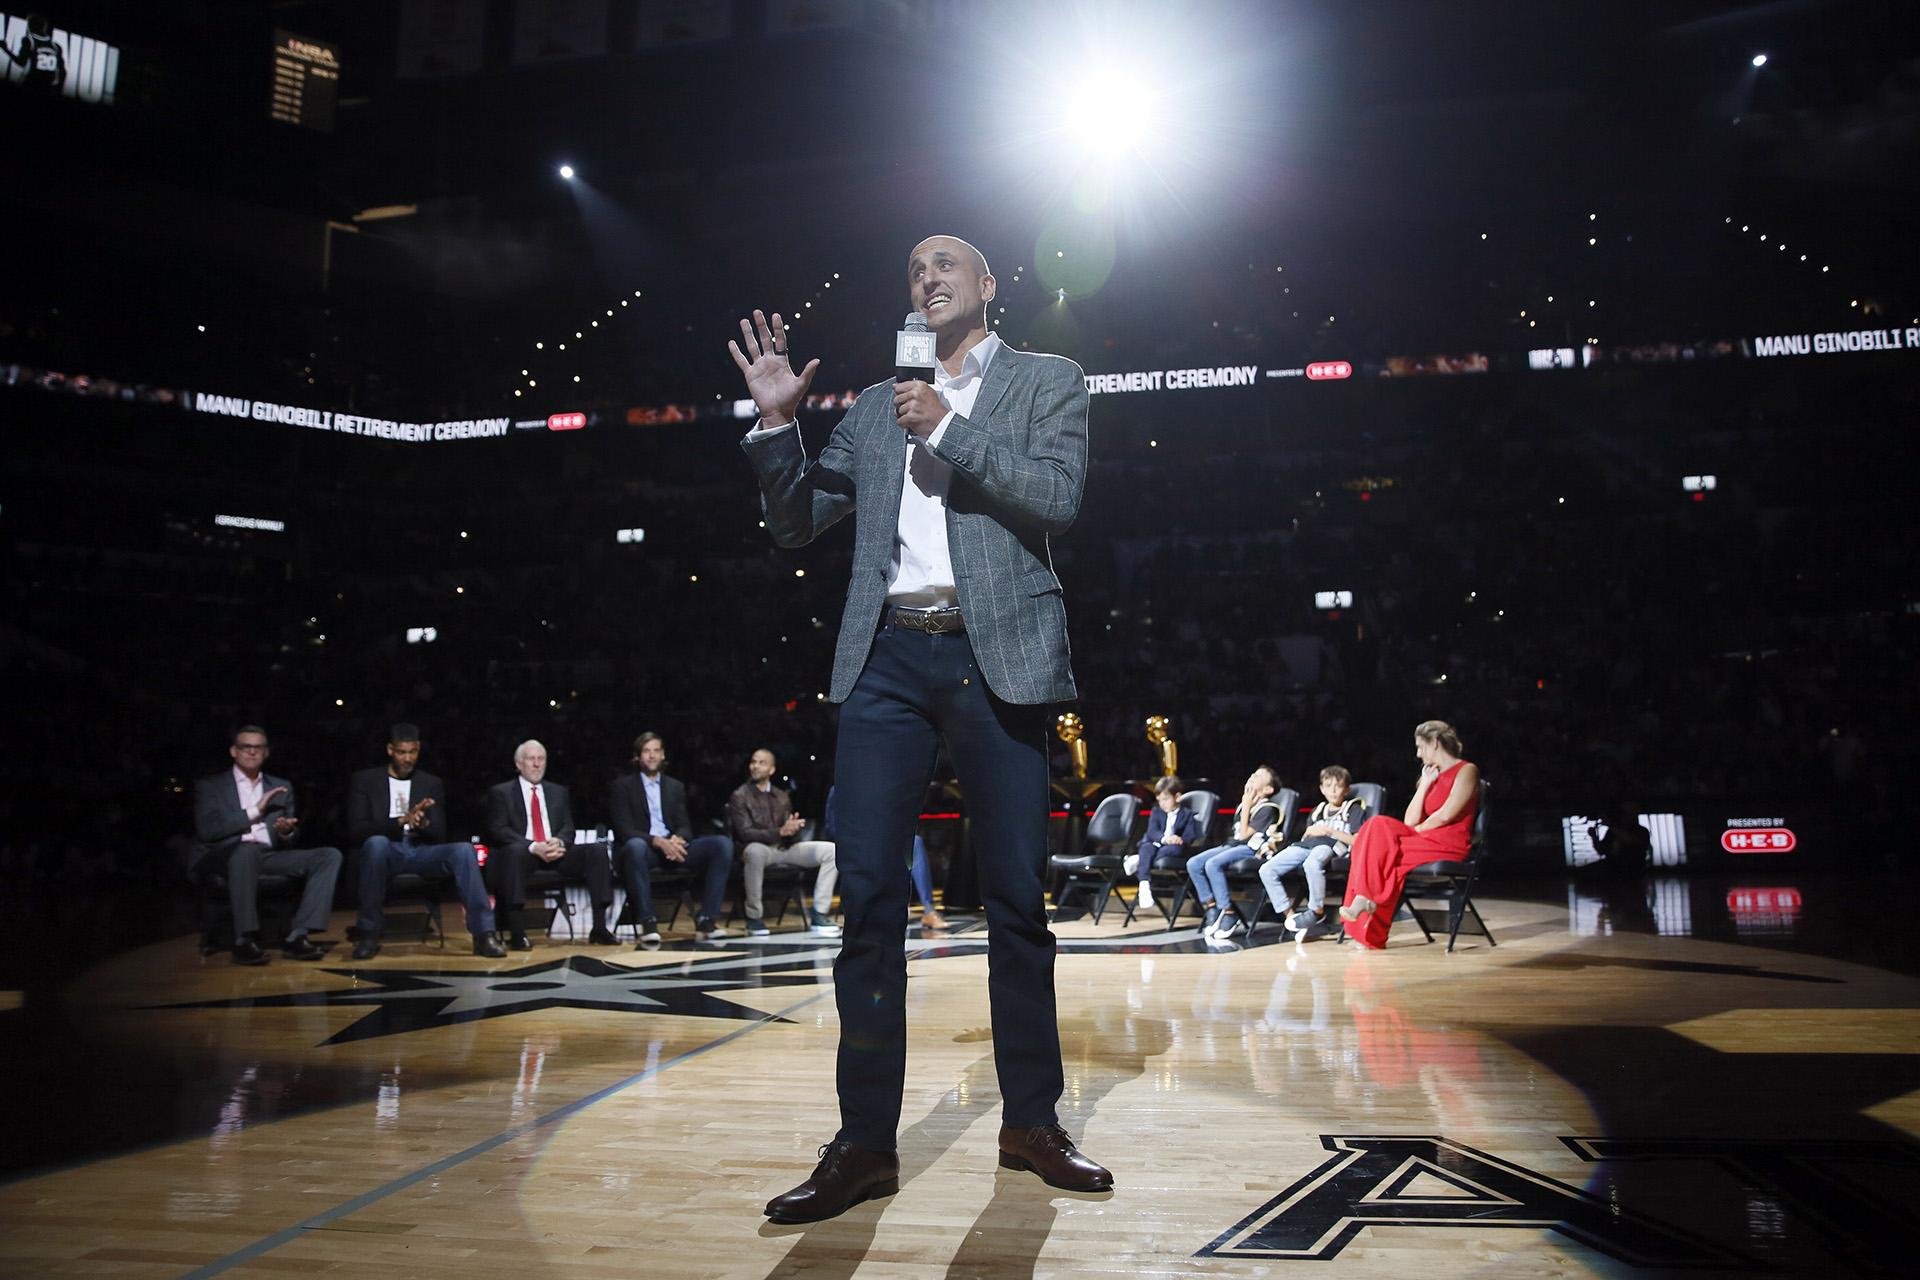 El ex jugador de los San Antonio Spurs, Manu Ginóbili, se dirige a la multitud durante su ceremonia de retiro en el AT&T Center después de un partido entre los Cleveland